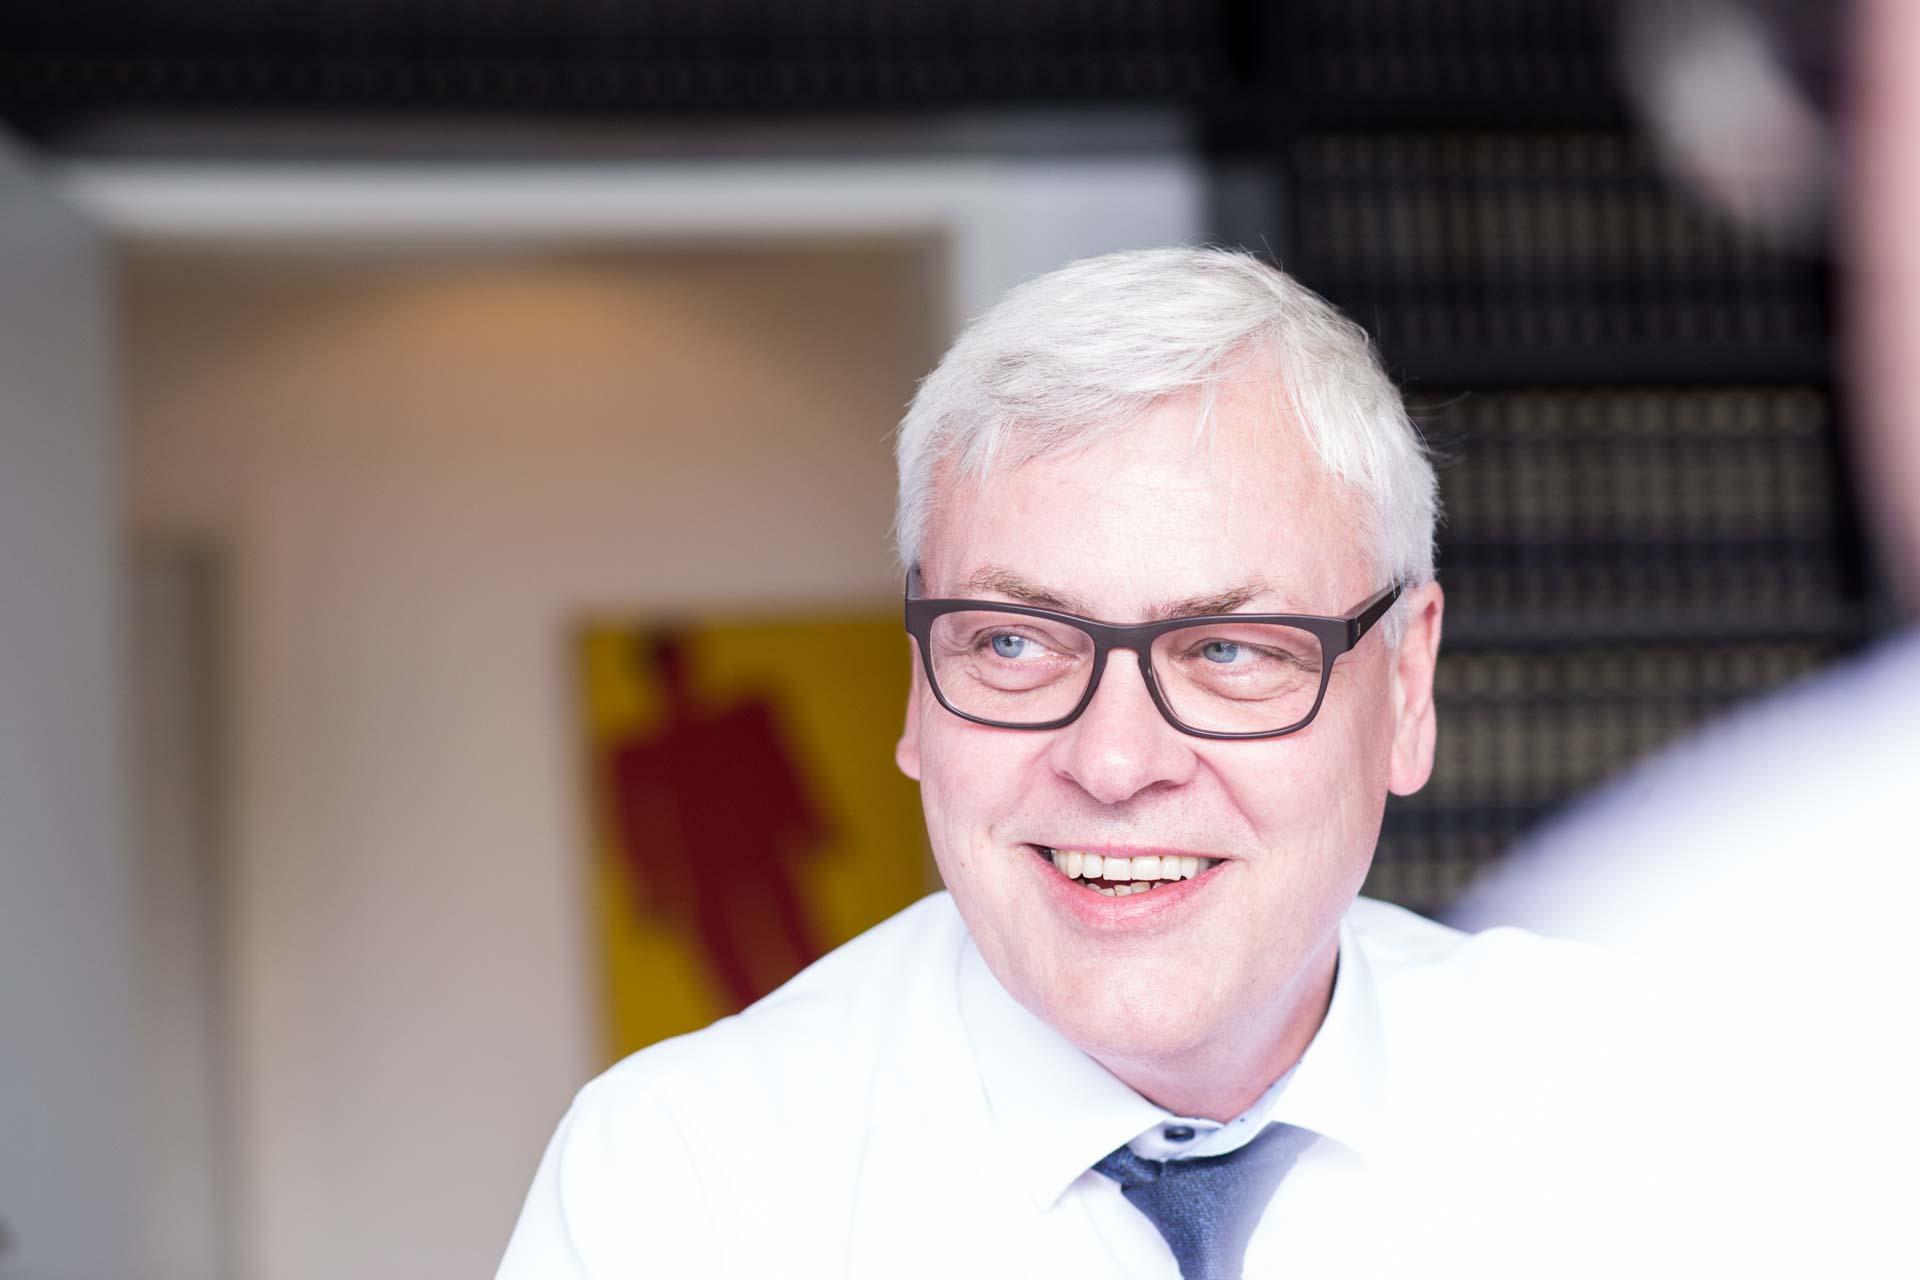 Frank Reister